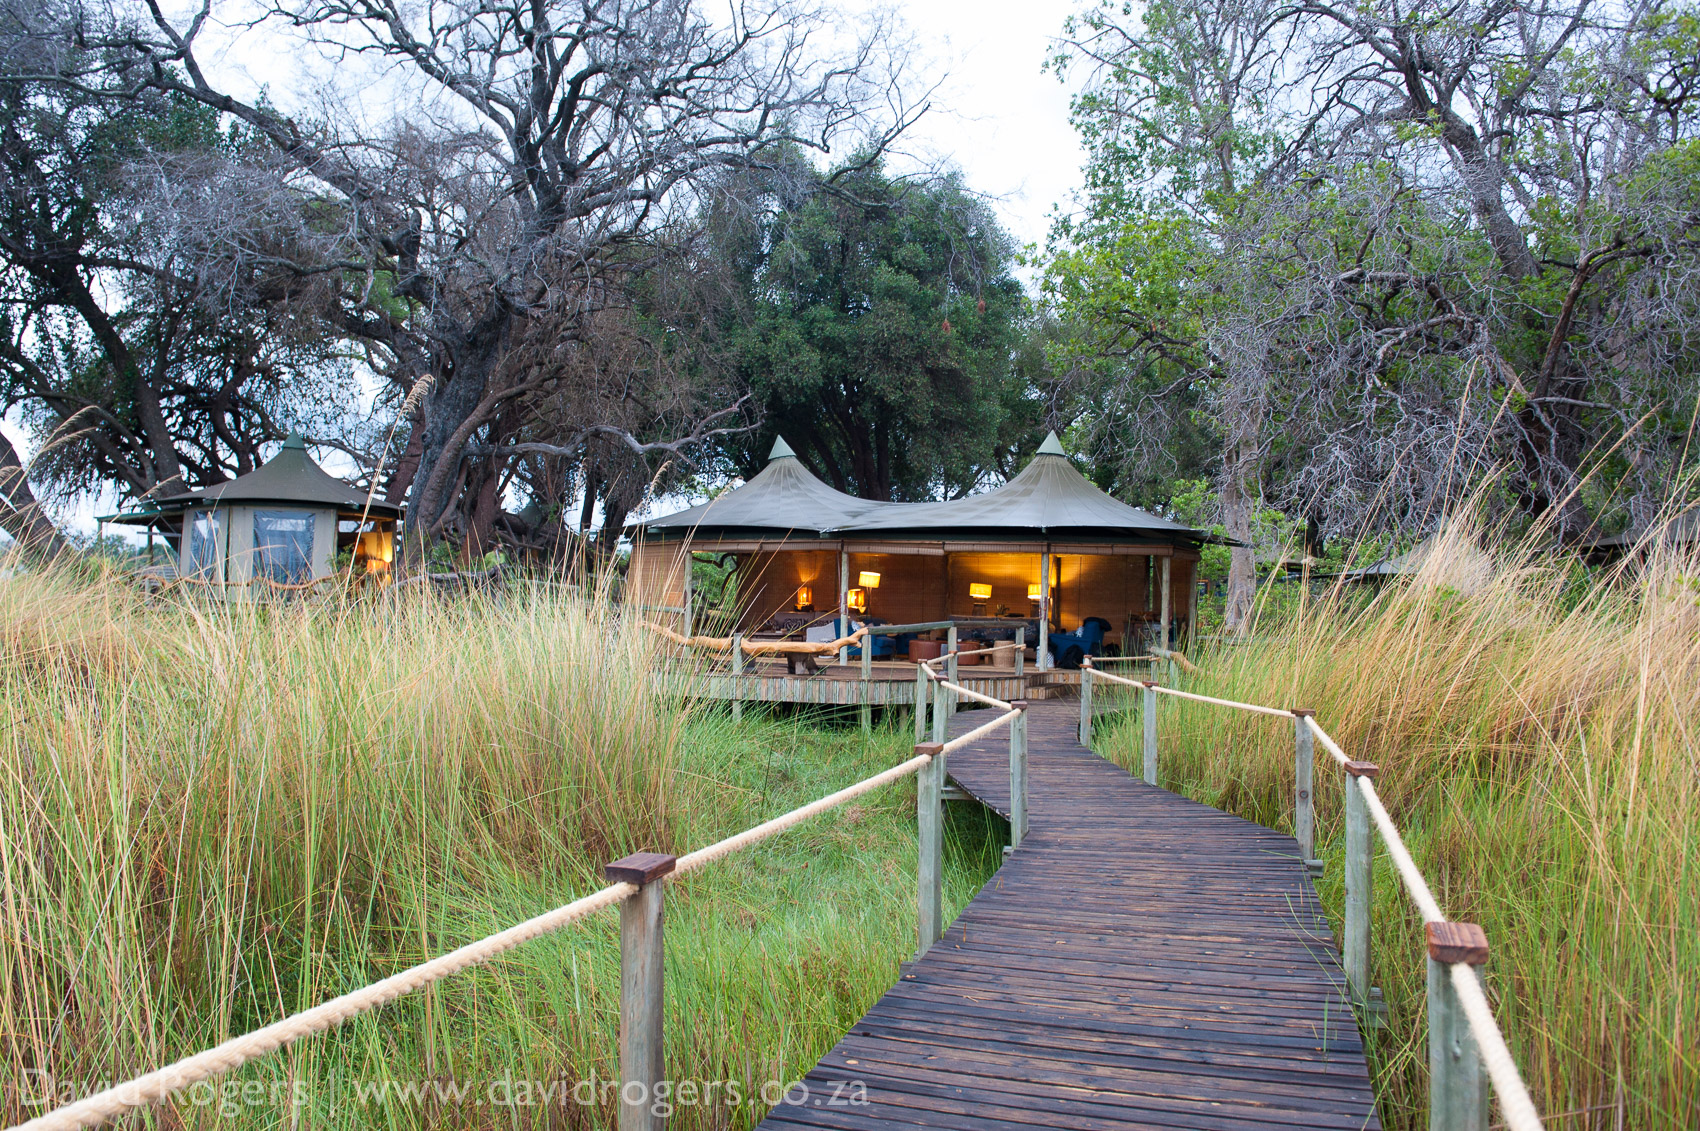 201111_Botswana_2226